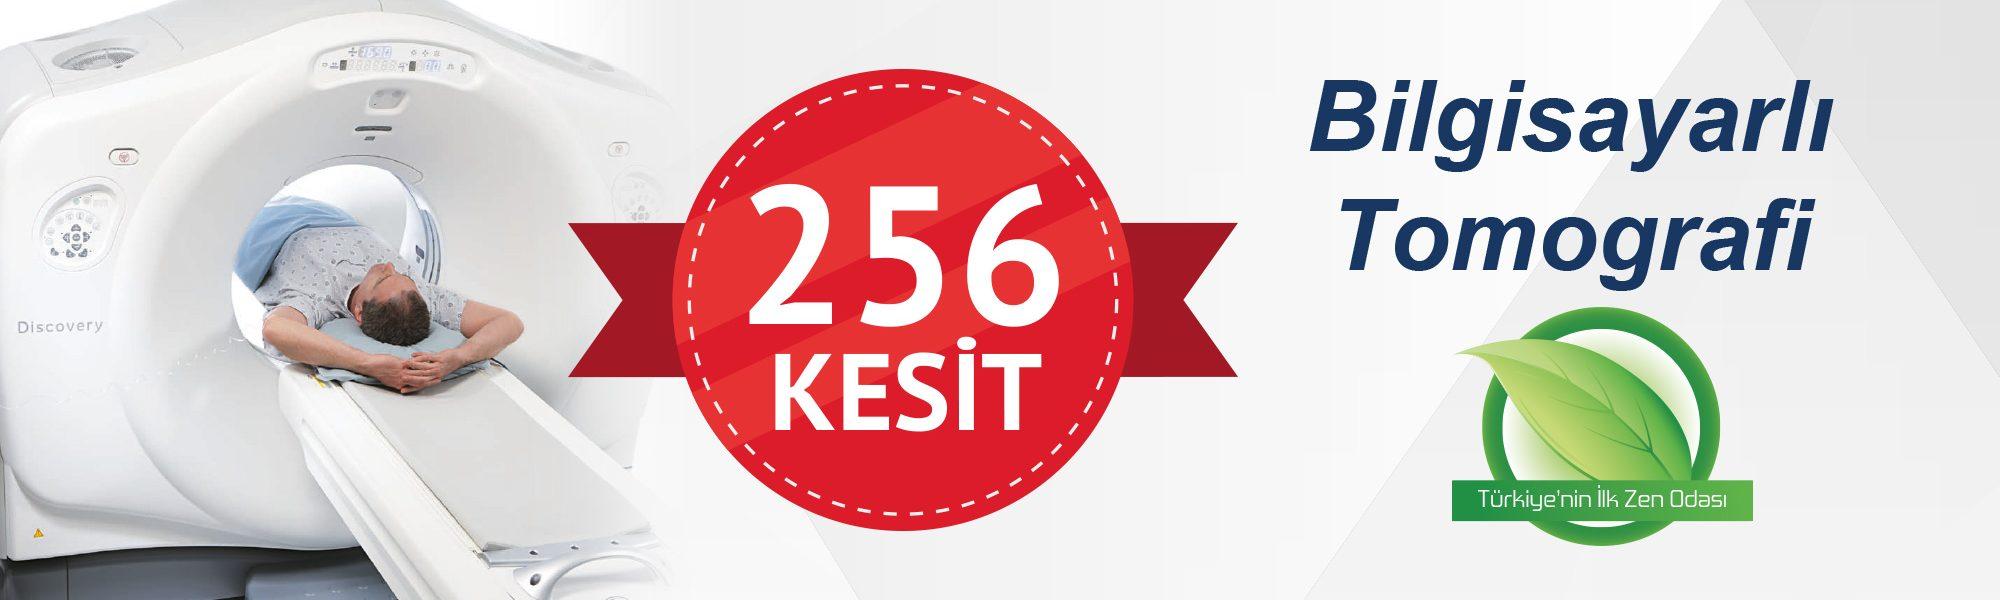 256 Kesit Bilgisayarlı Tomografi